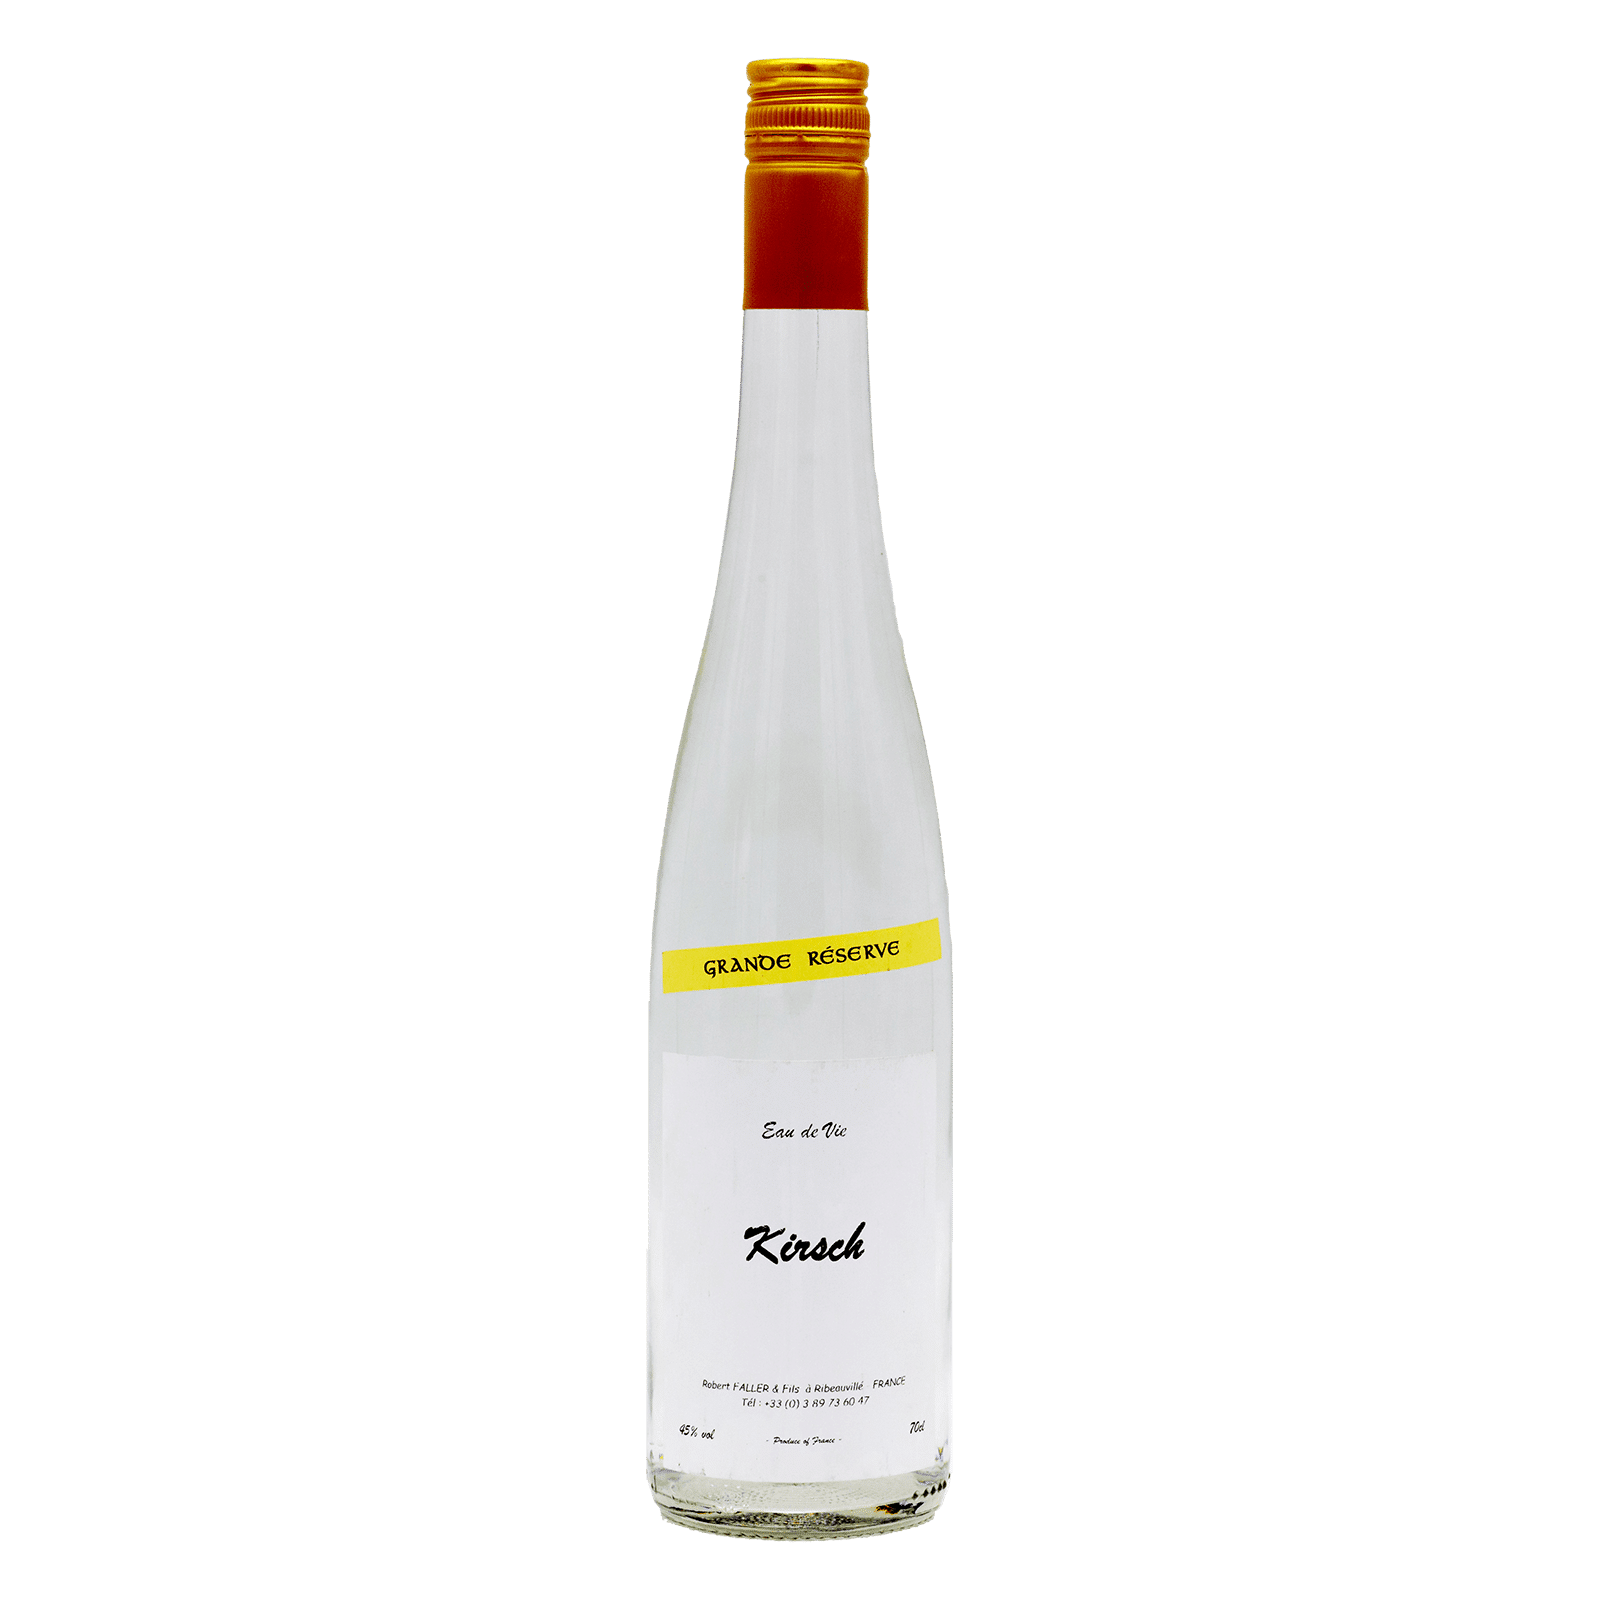 eau-de-vie-kirsch